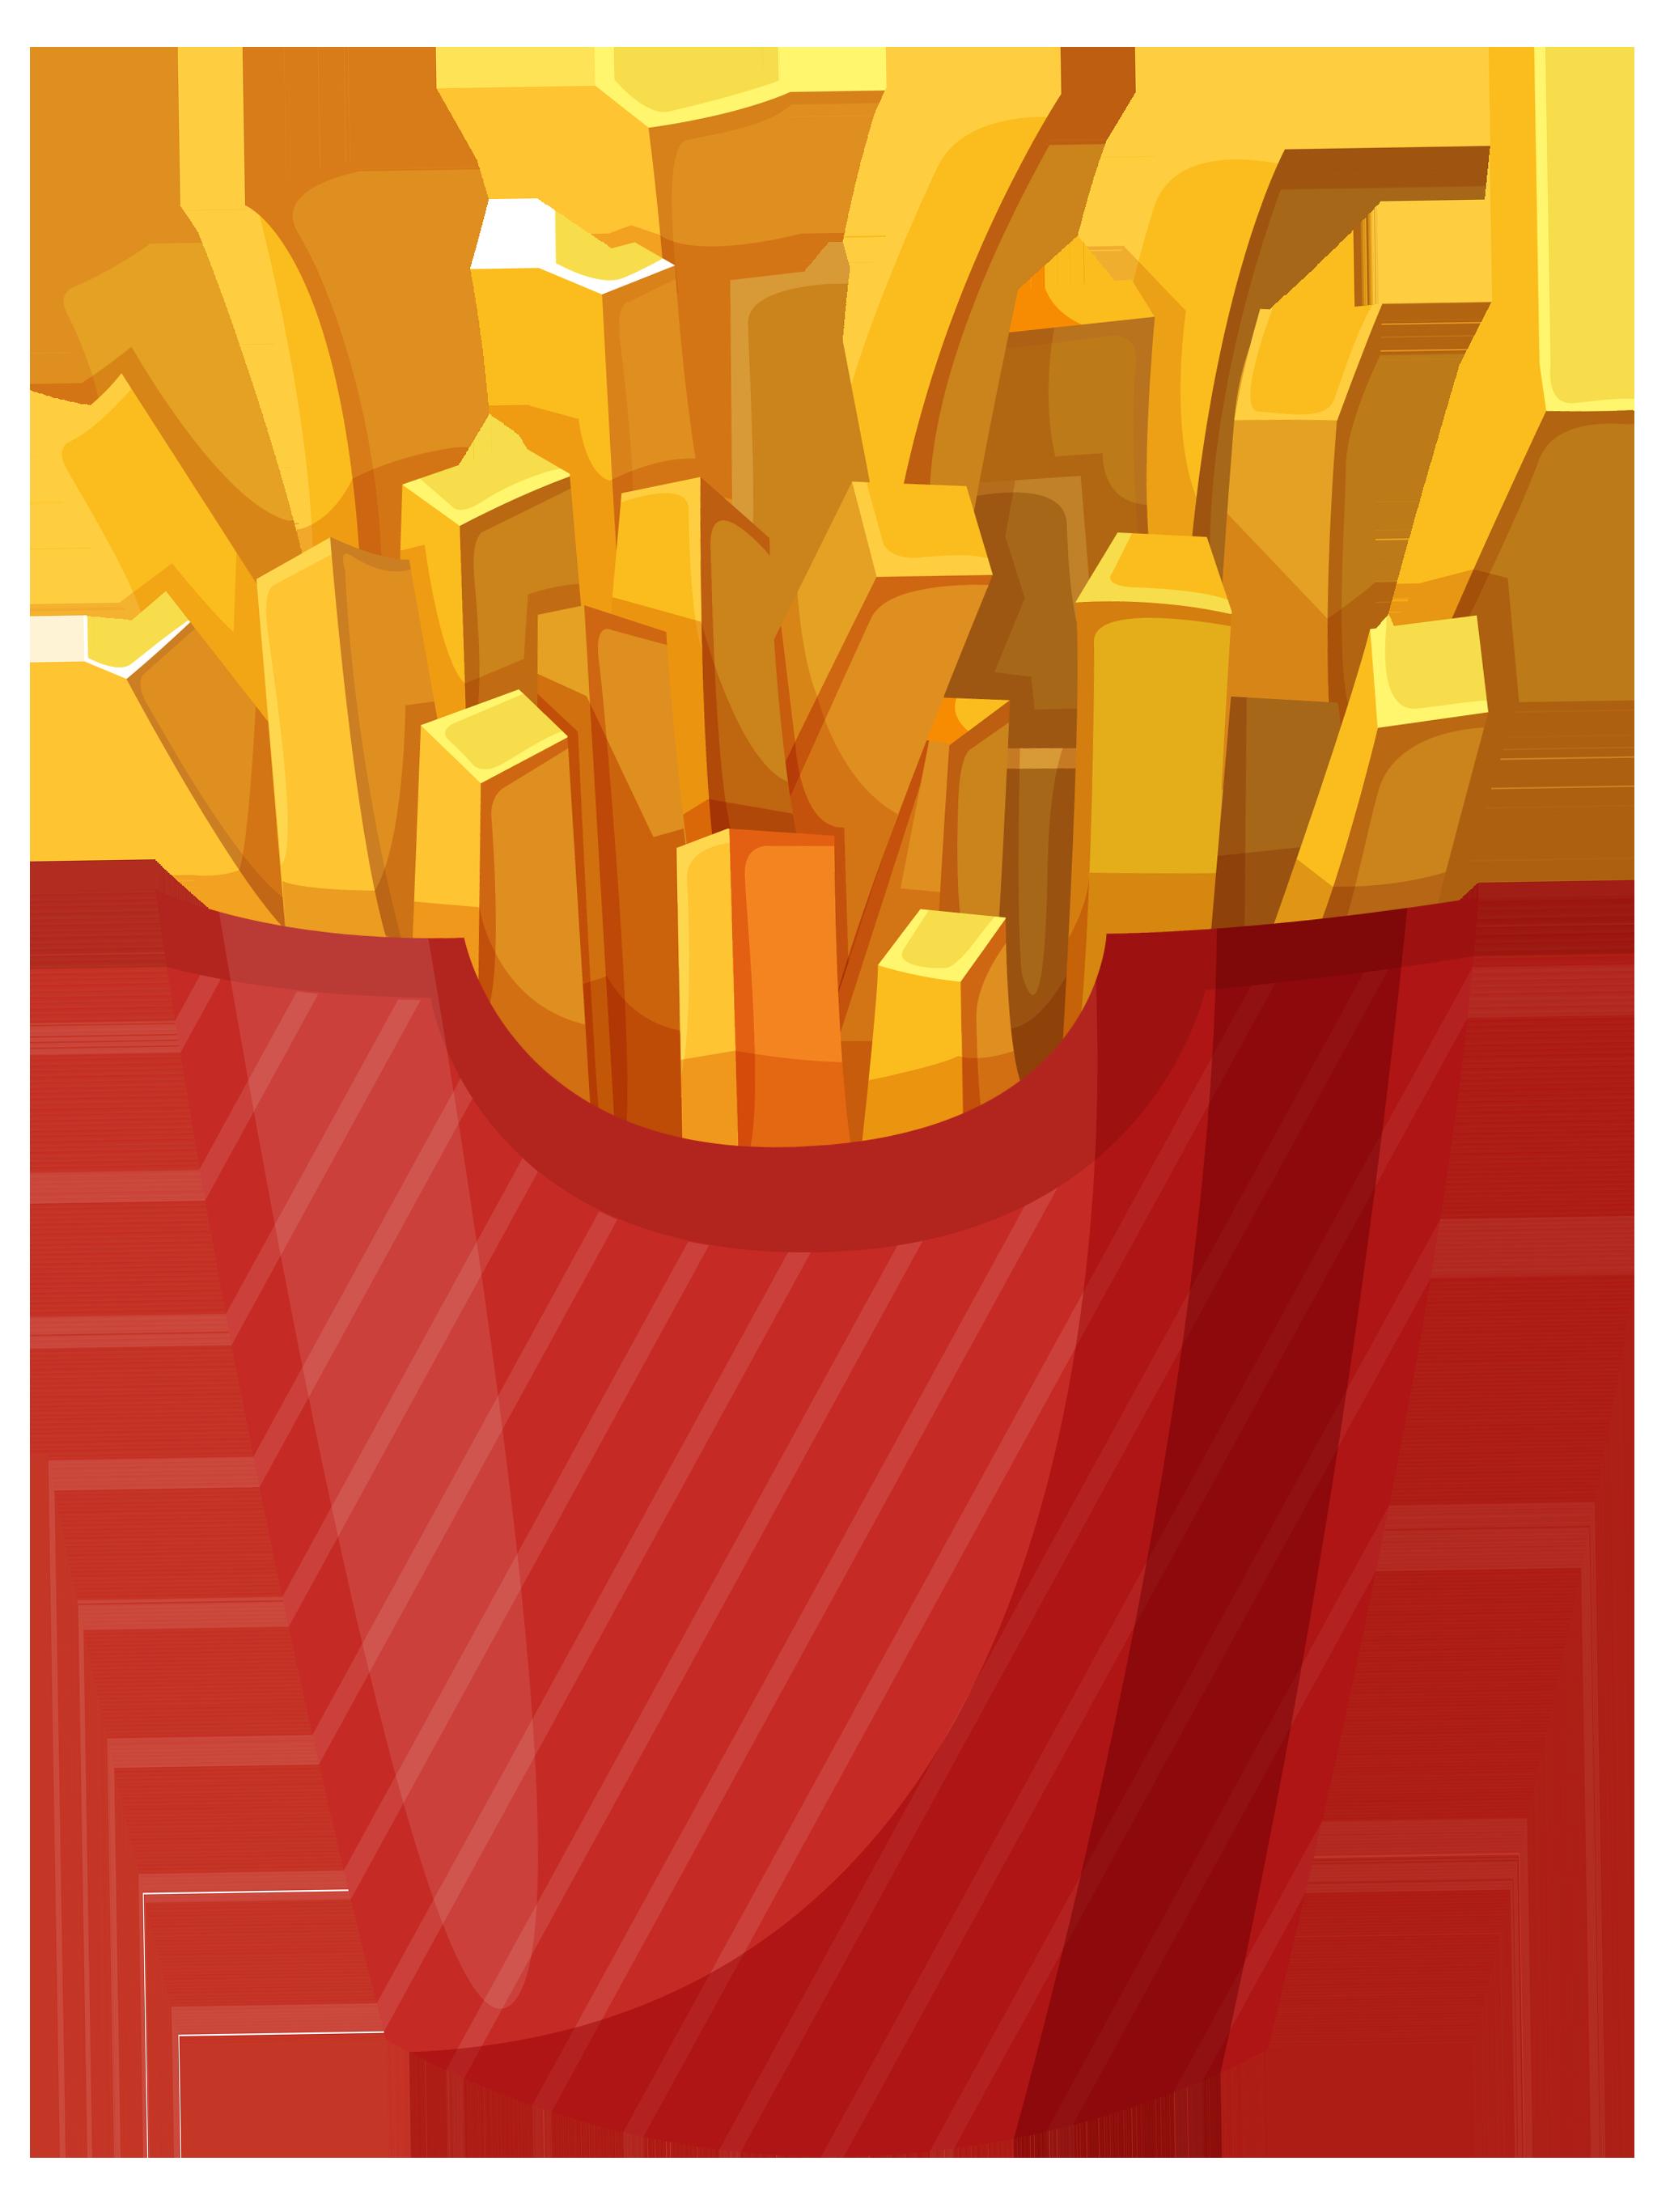 Pin De Charudeal Em French Fries Adesivo Para Latinha Desenho De Hamburguer Batata Desenho